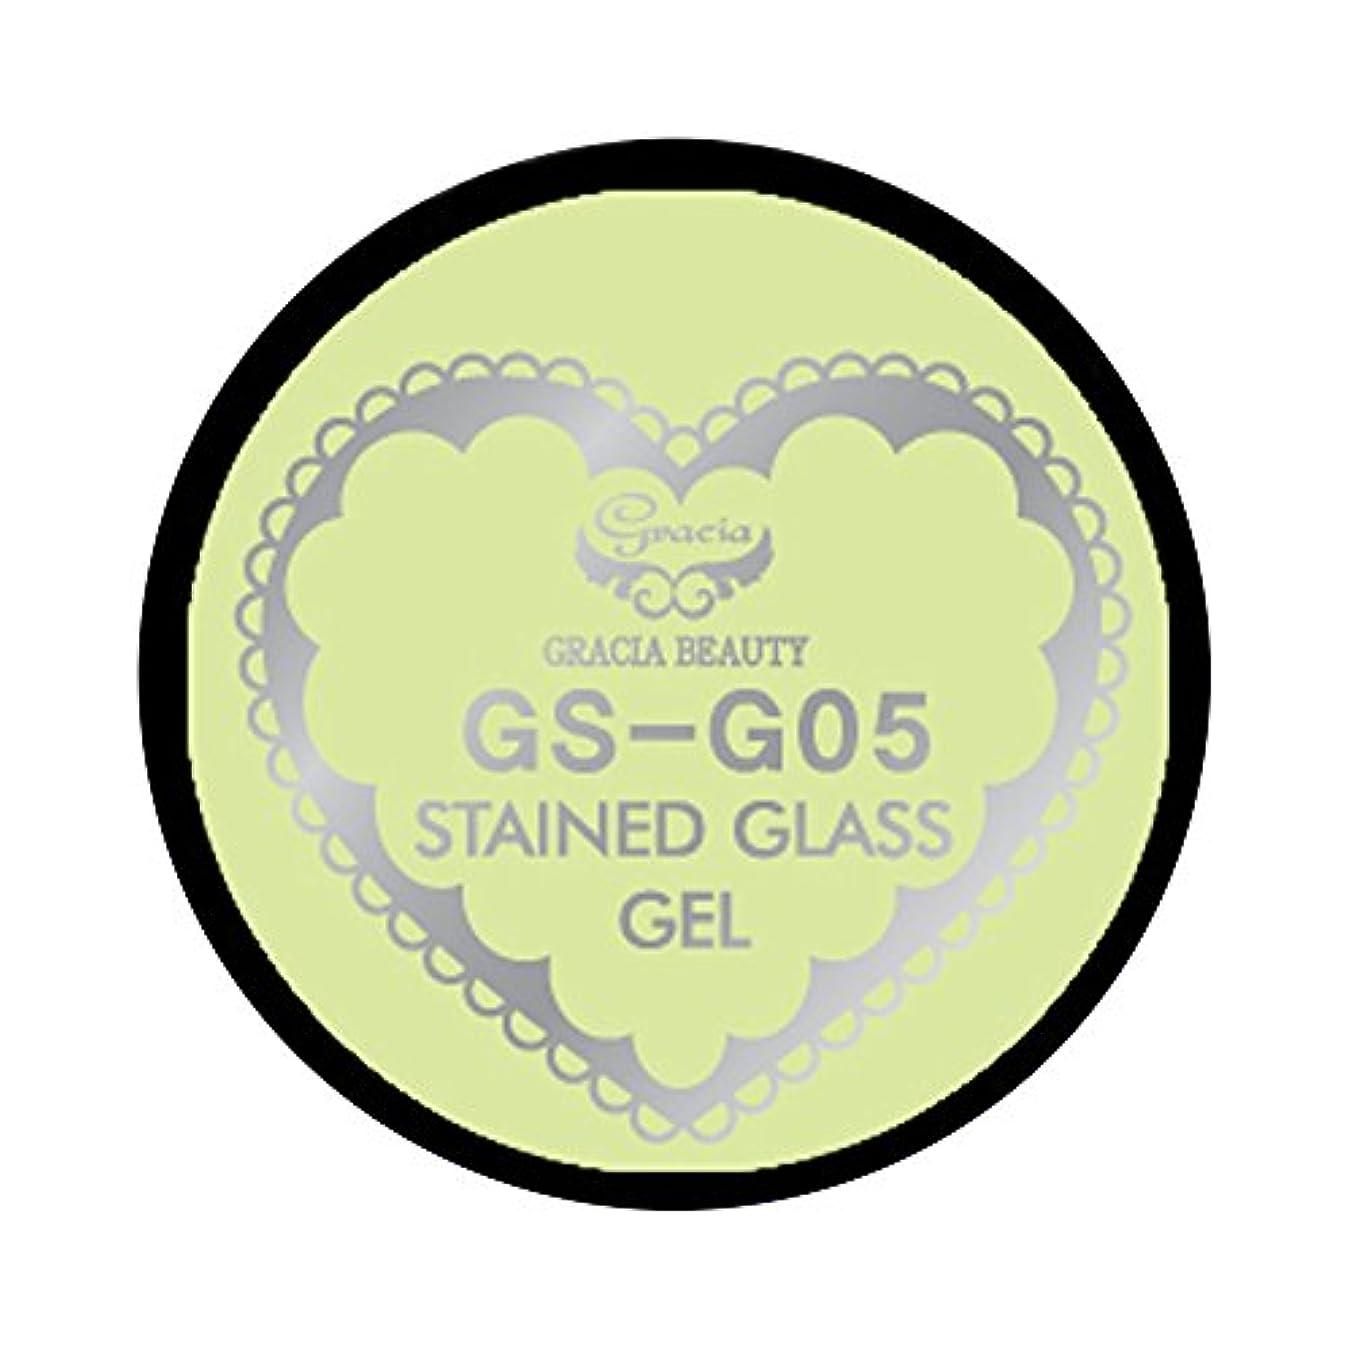 民主主義アウターシダグラシア ジェルネイル ステンドグラスジェル GSM-G05 3g  グリッター UV/LED対応 カラージェル ソークオフジェル ガラスのような透明感